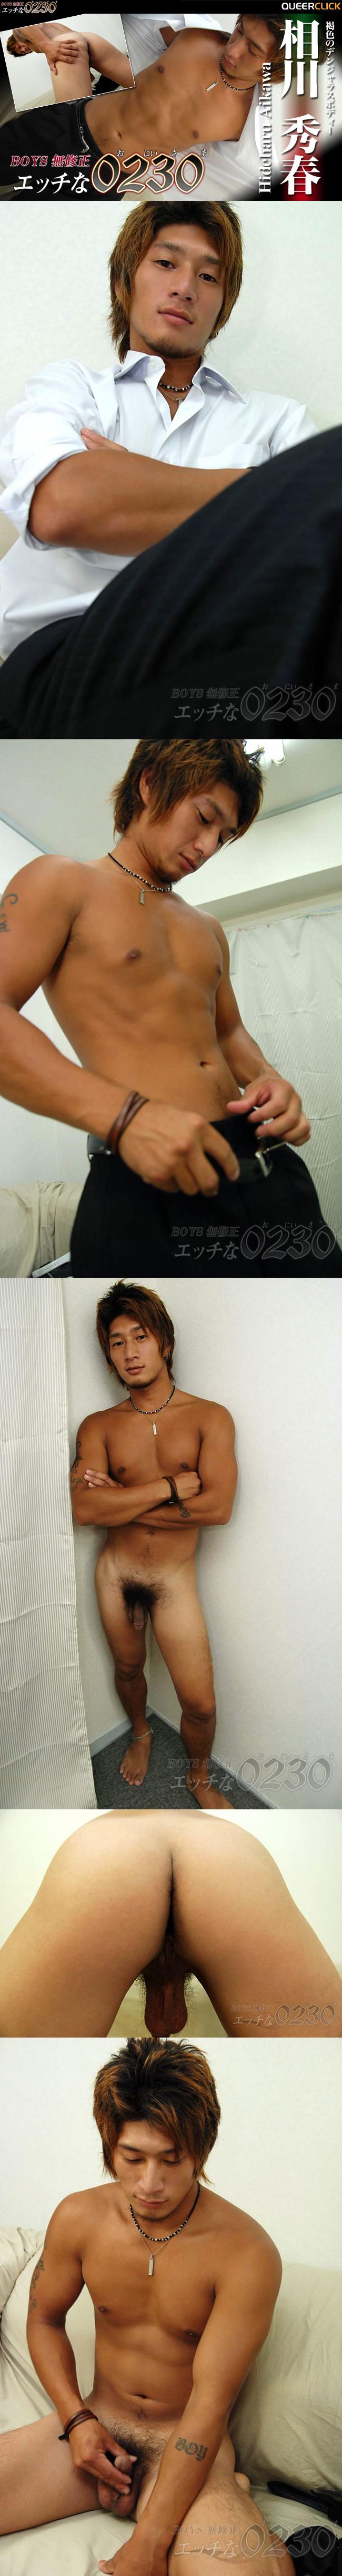 H0230: Hideharu Aikawa